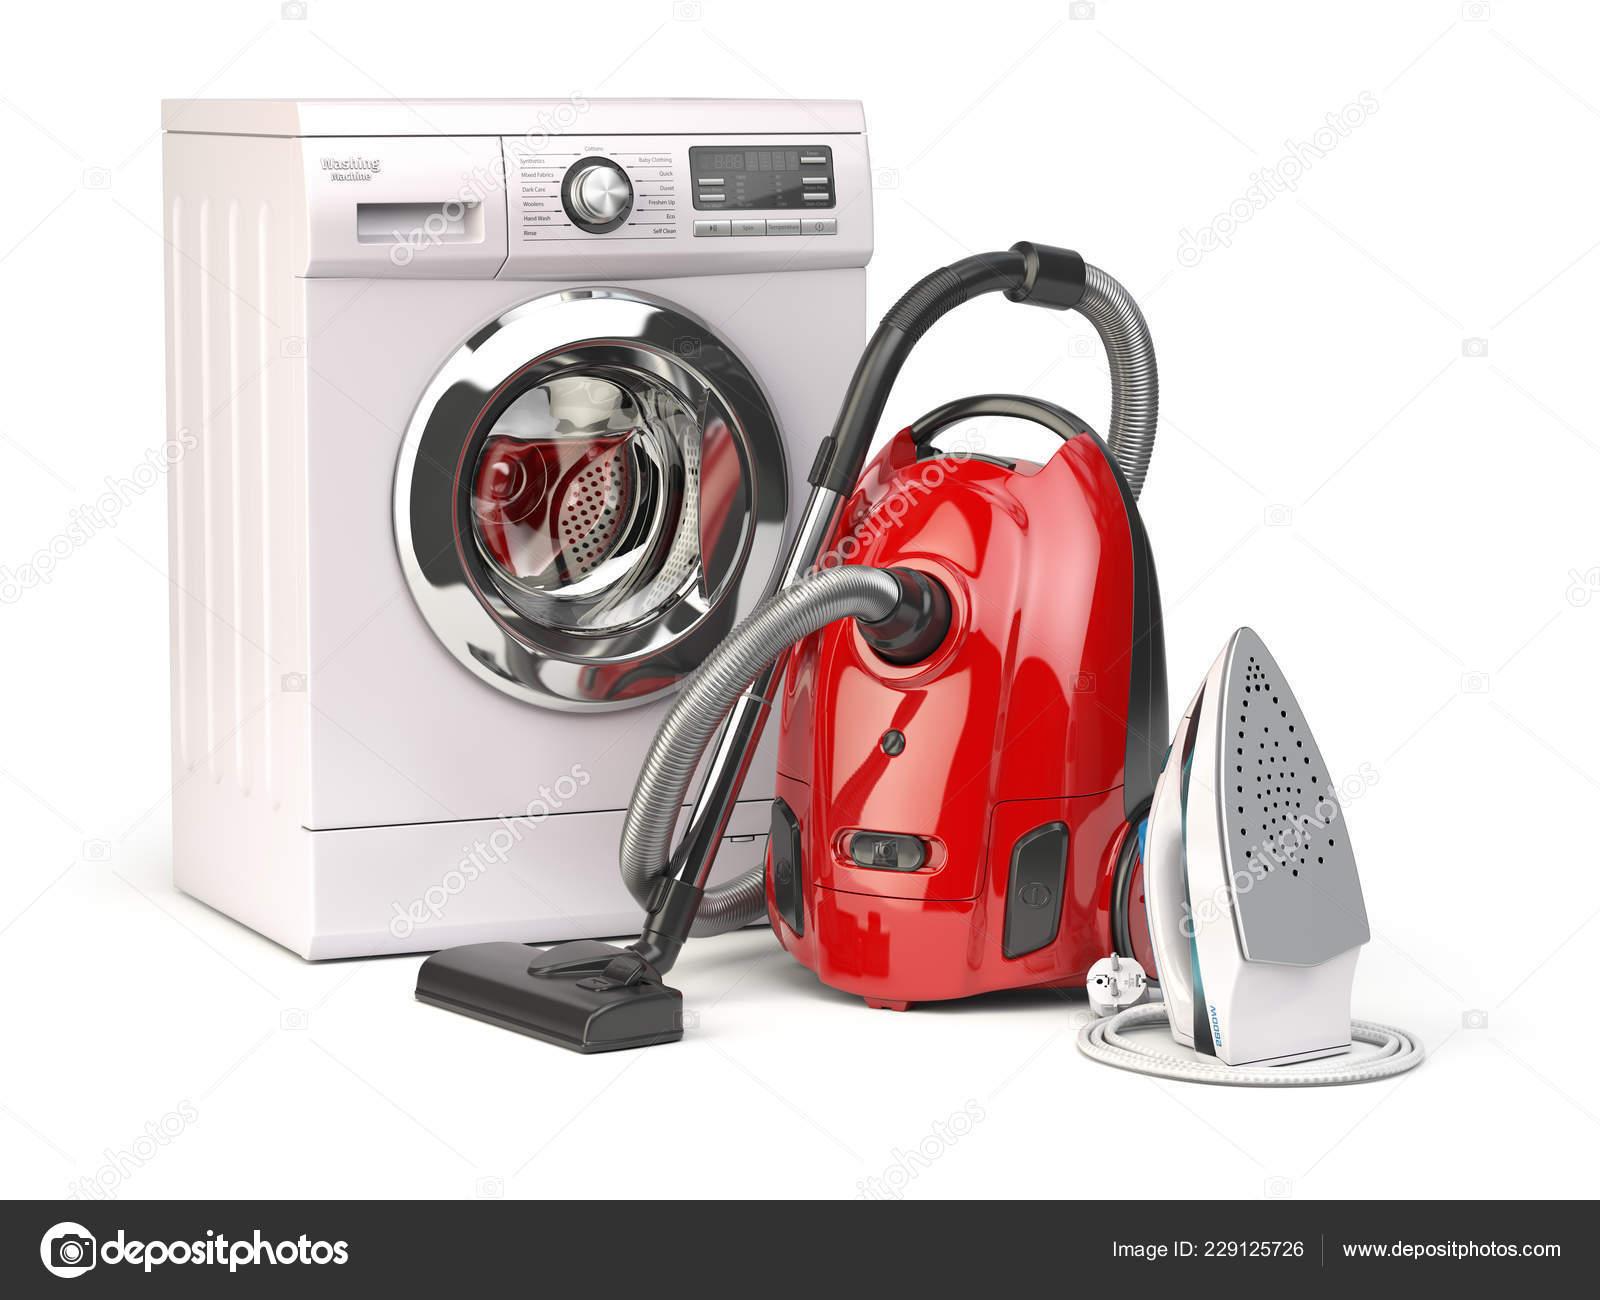 Οικιακές Συσκευές Ομάδα Ηλεκτρική Σκούπα Σίδερο Και Πλυντήριο Ρούχων Που —  Φωτογραφία Αρχείου dce64cf33c9